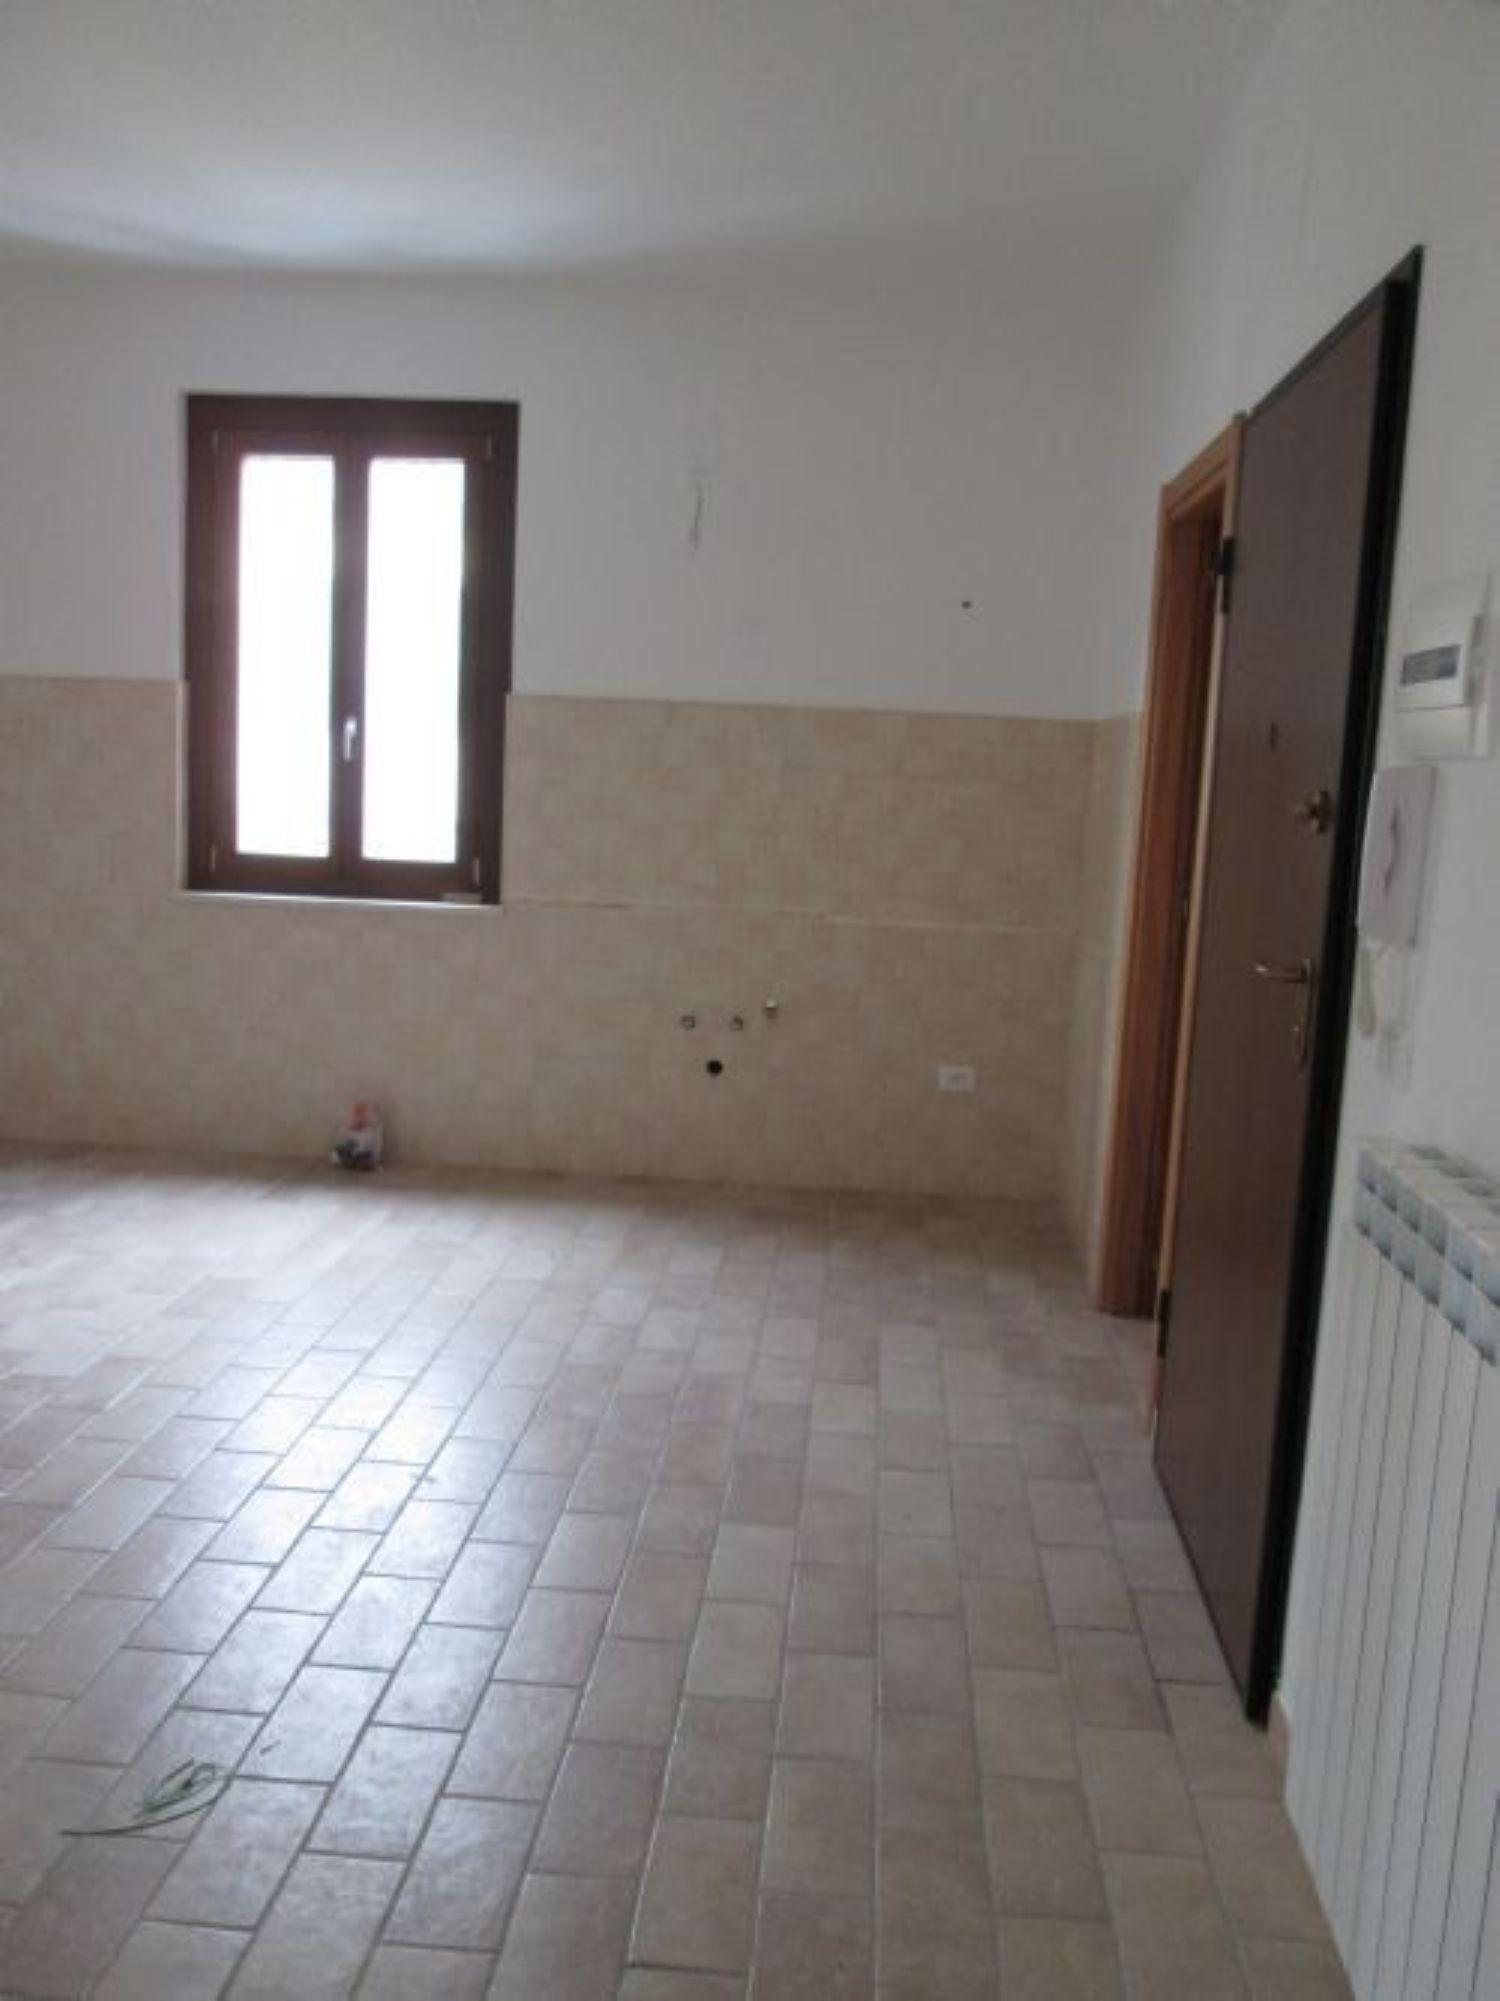 Appartamento in affitto a Loreto Aprutino, 3 locali, prezzo € 360 | Cambio Casa.it